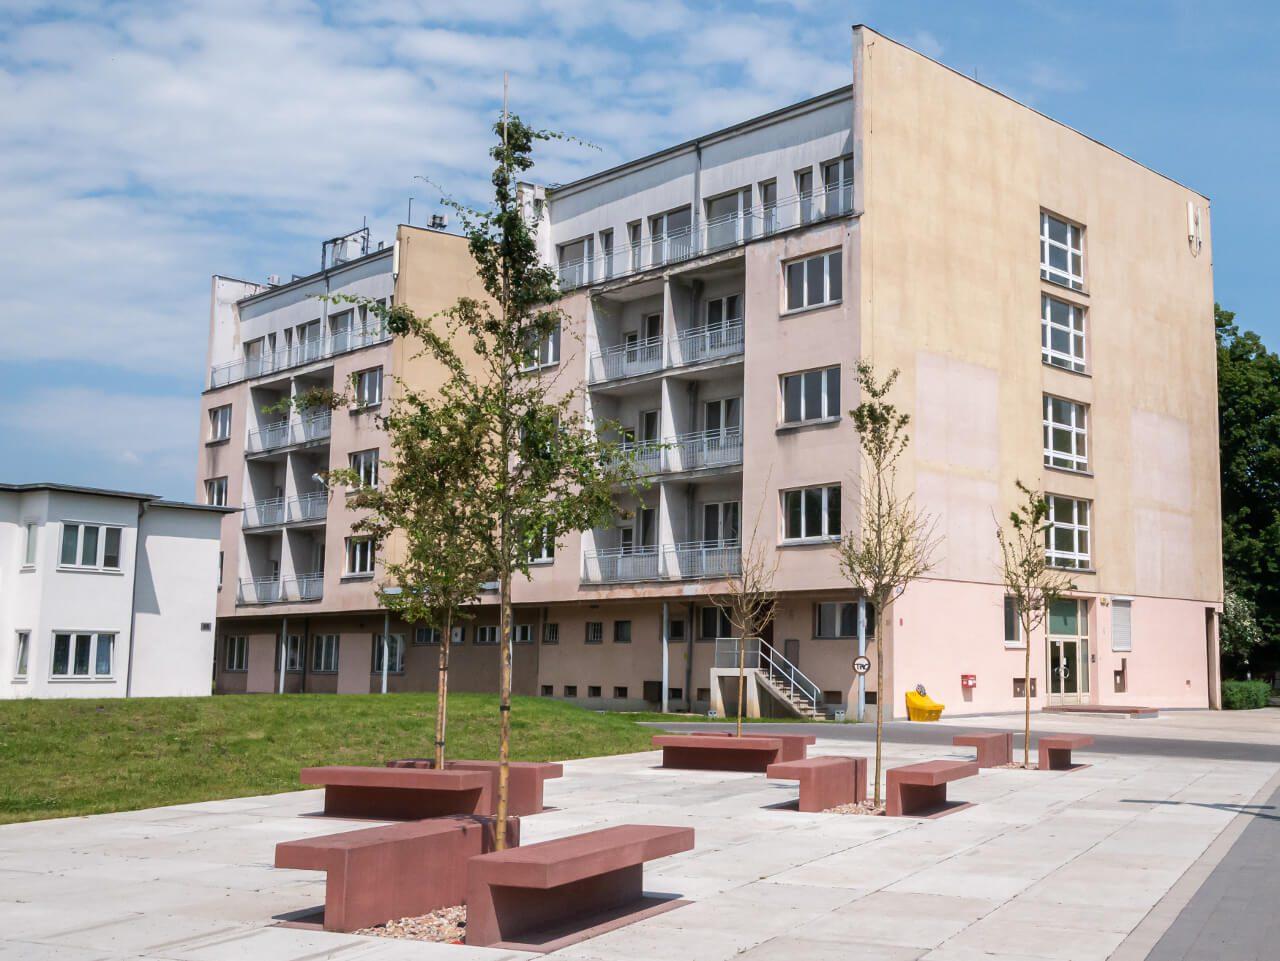 pancernik uniwersytet wrocławski wuwa wrocław